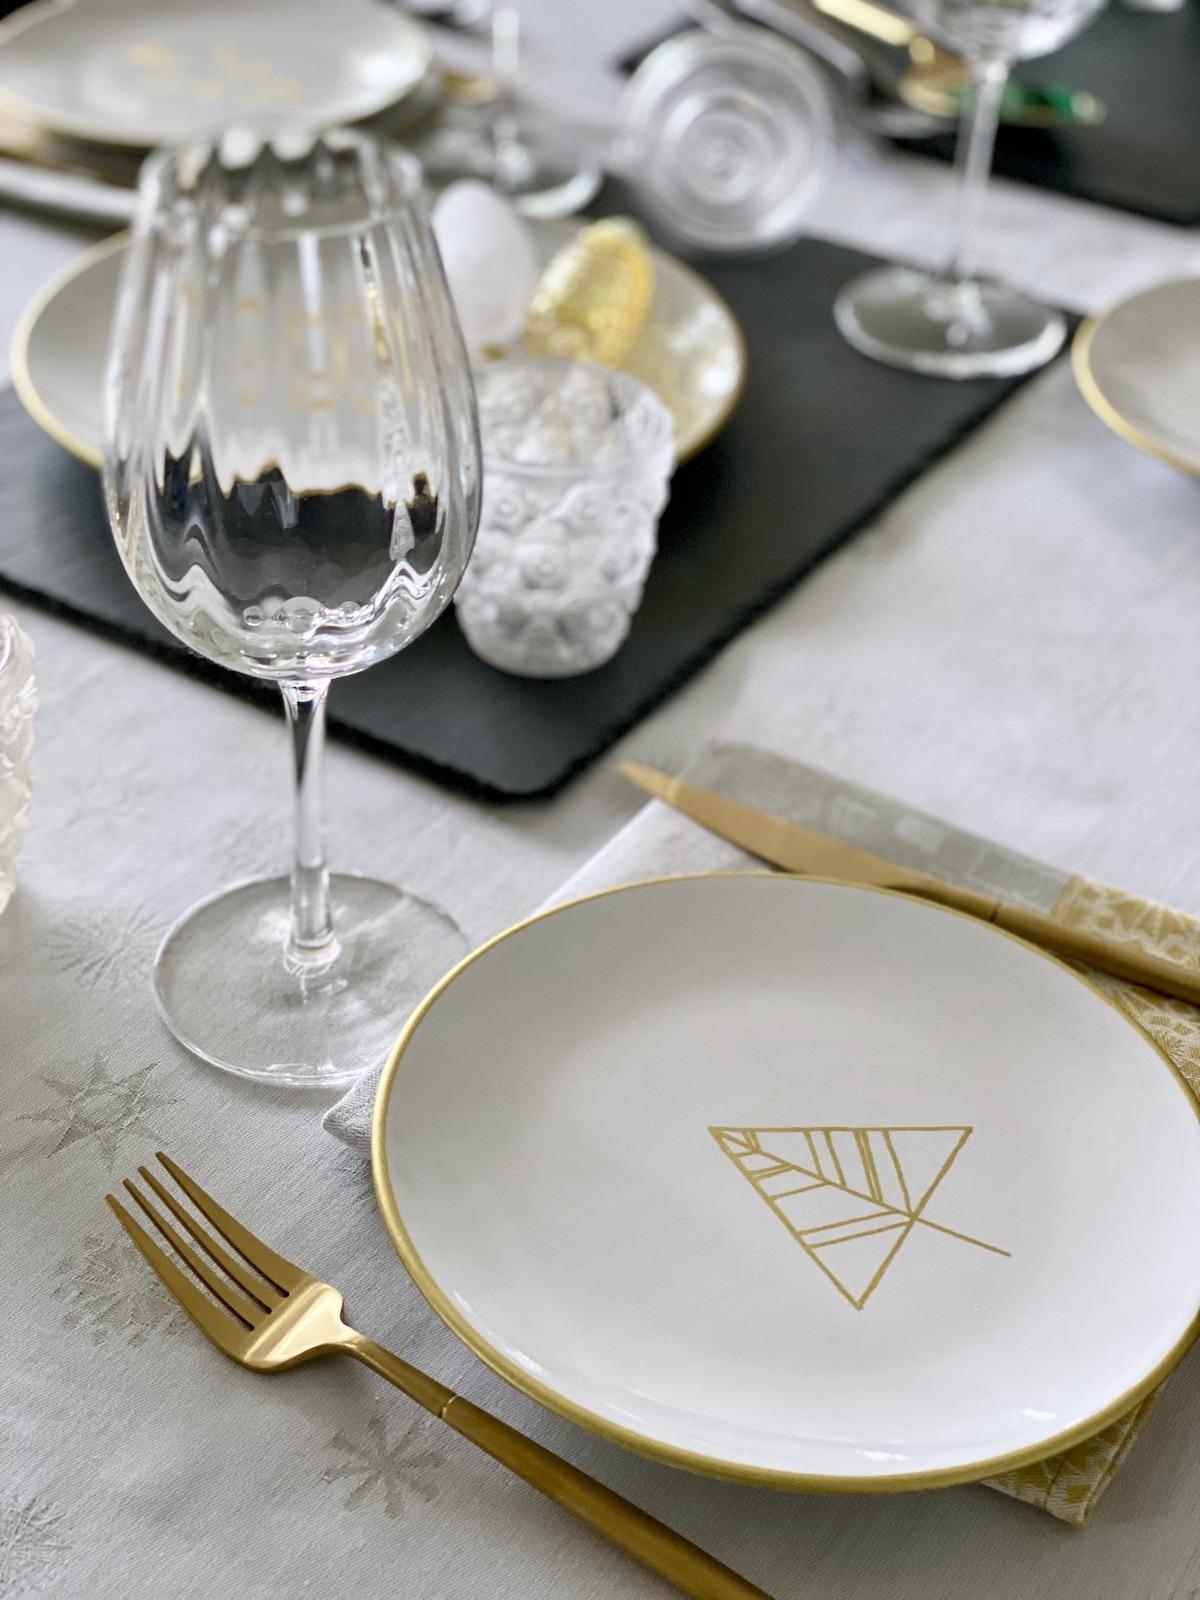 cristallerie française verre Twist 1586 Saint Louis fabriqué soufflé en France